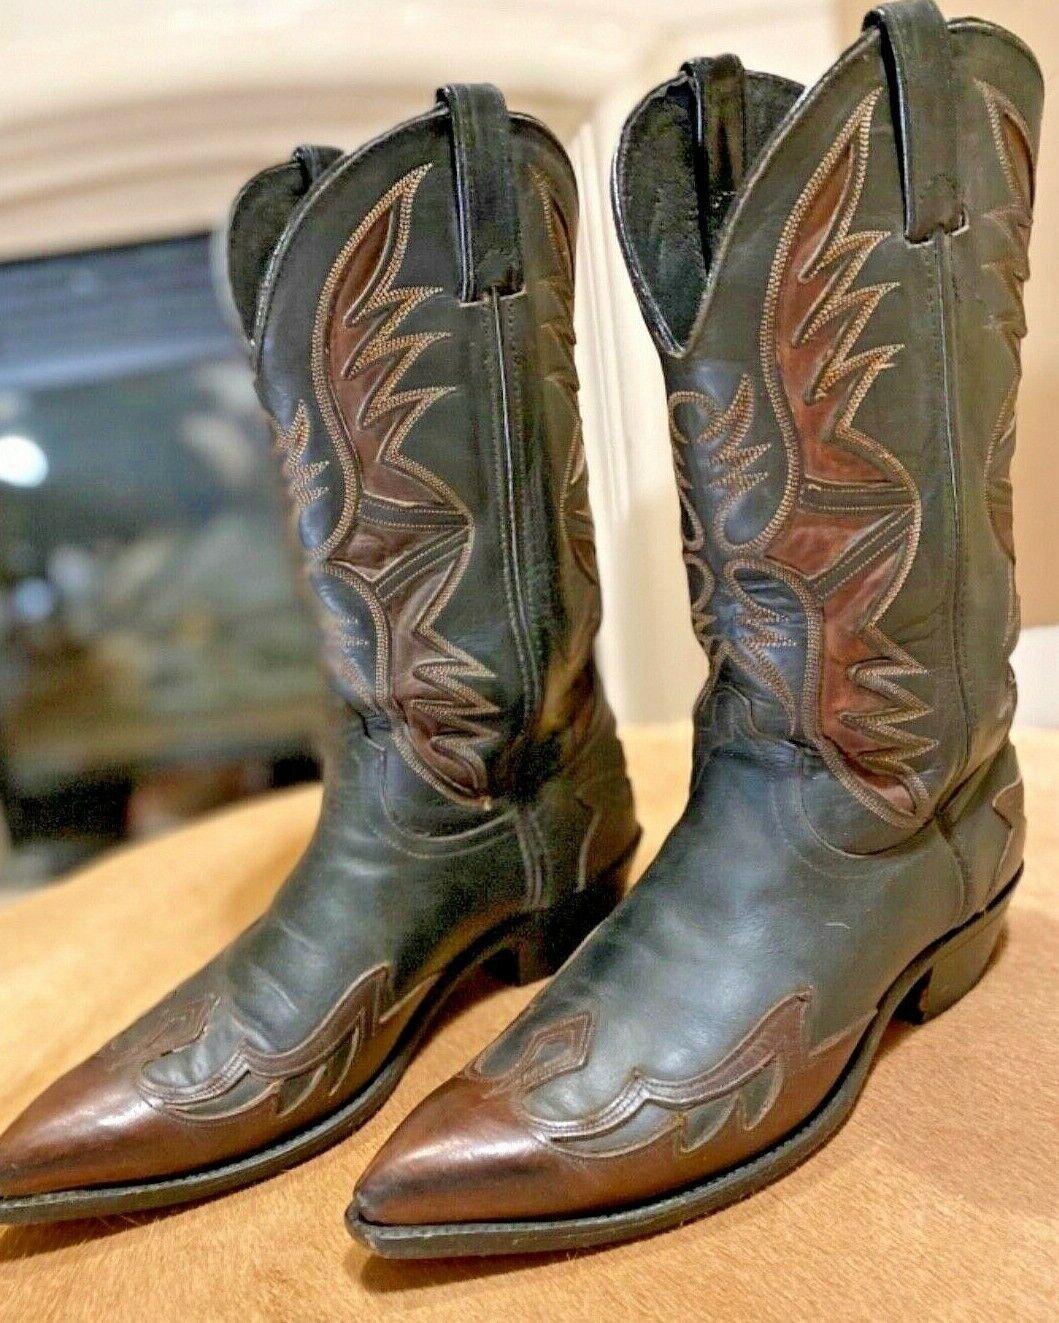 Men's CODE WEST (Style 54259) Two-Tone Cowboy Boots, 9.5D.